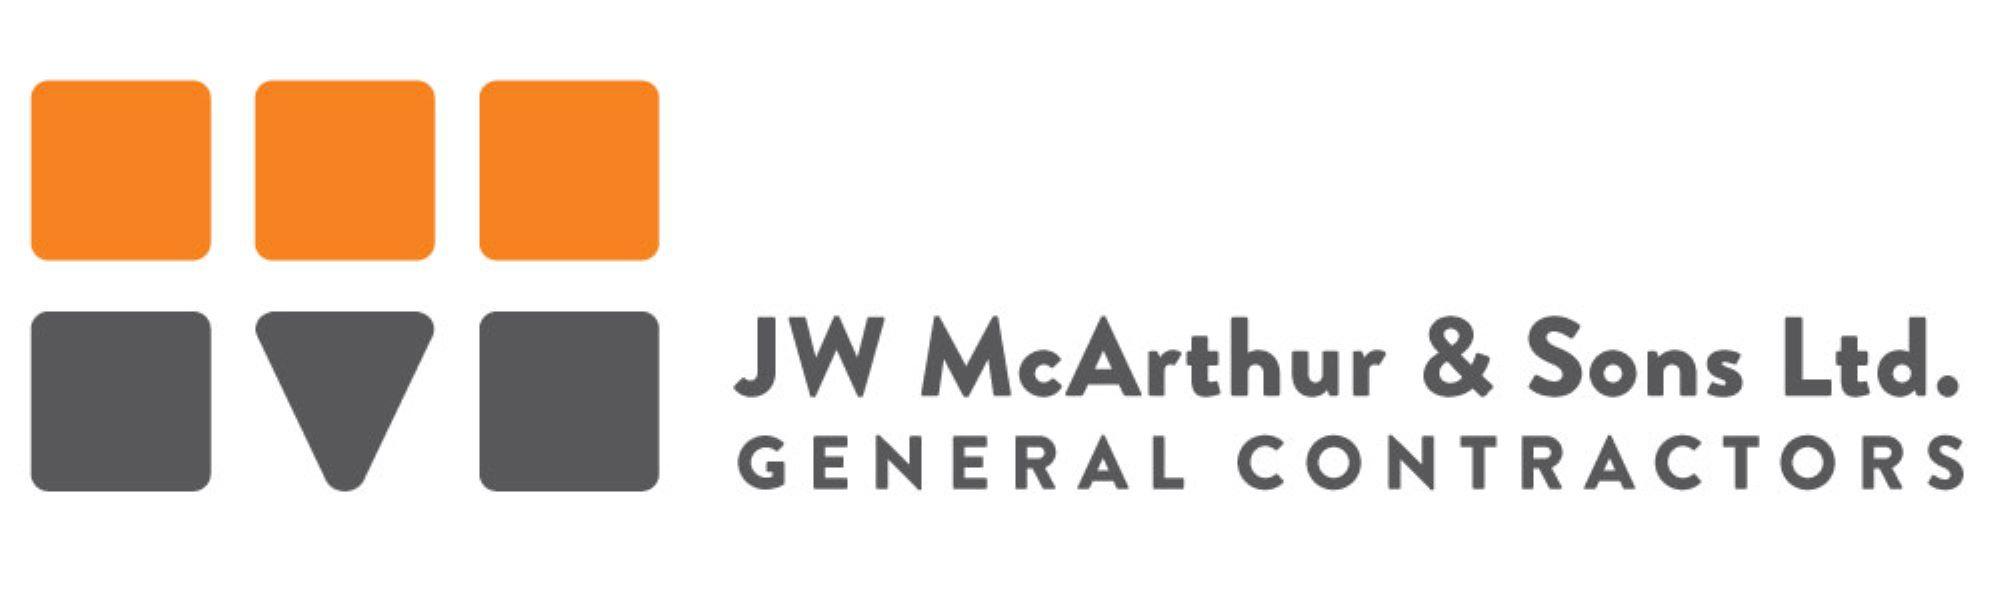 jwmcarthurandsons.com